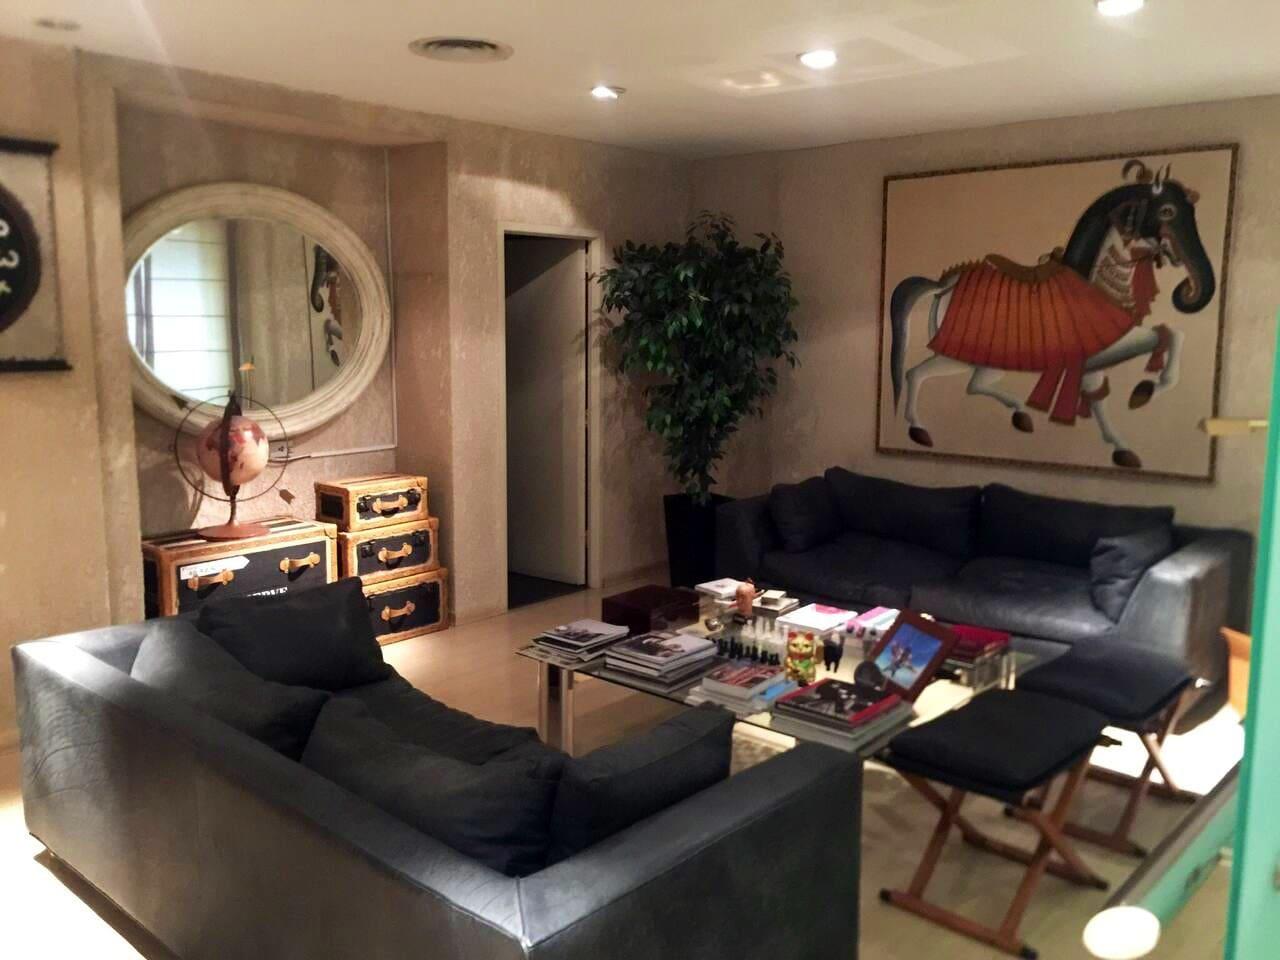 Espacioso y muy cómodo living con decoración moderna. Puede ser utilizada como recepción